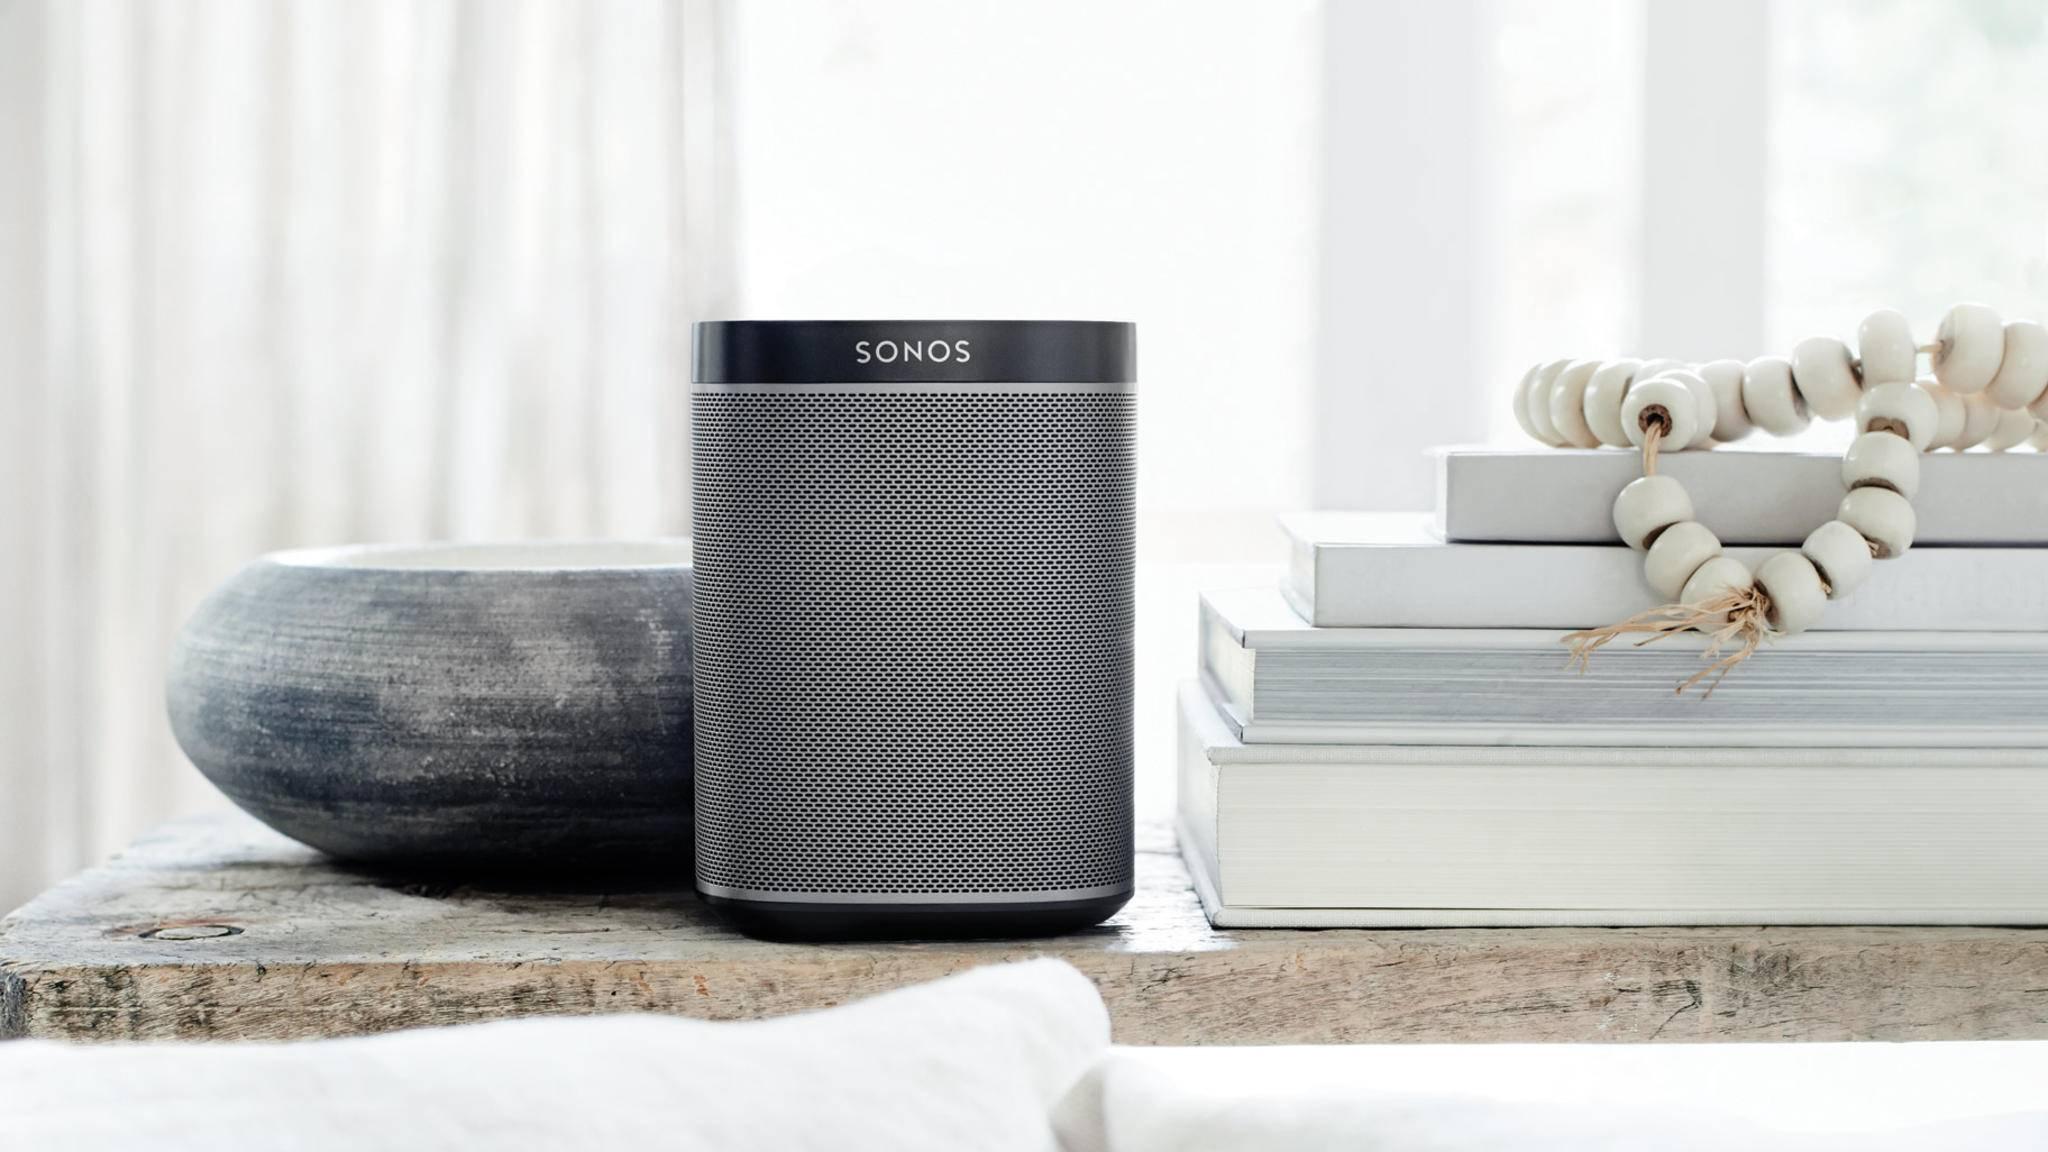 Wird Sonos schon im September einen Smart Speaker mit Sprachsteuerung vorstellen?